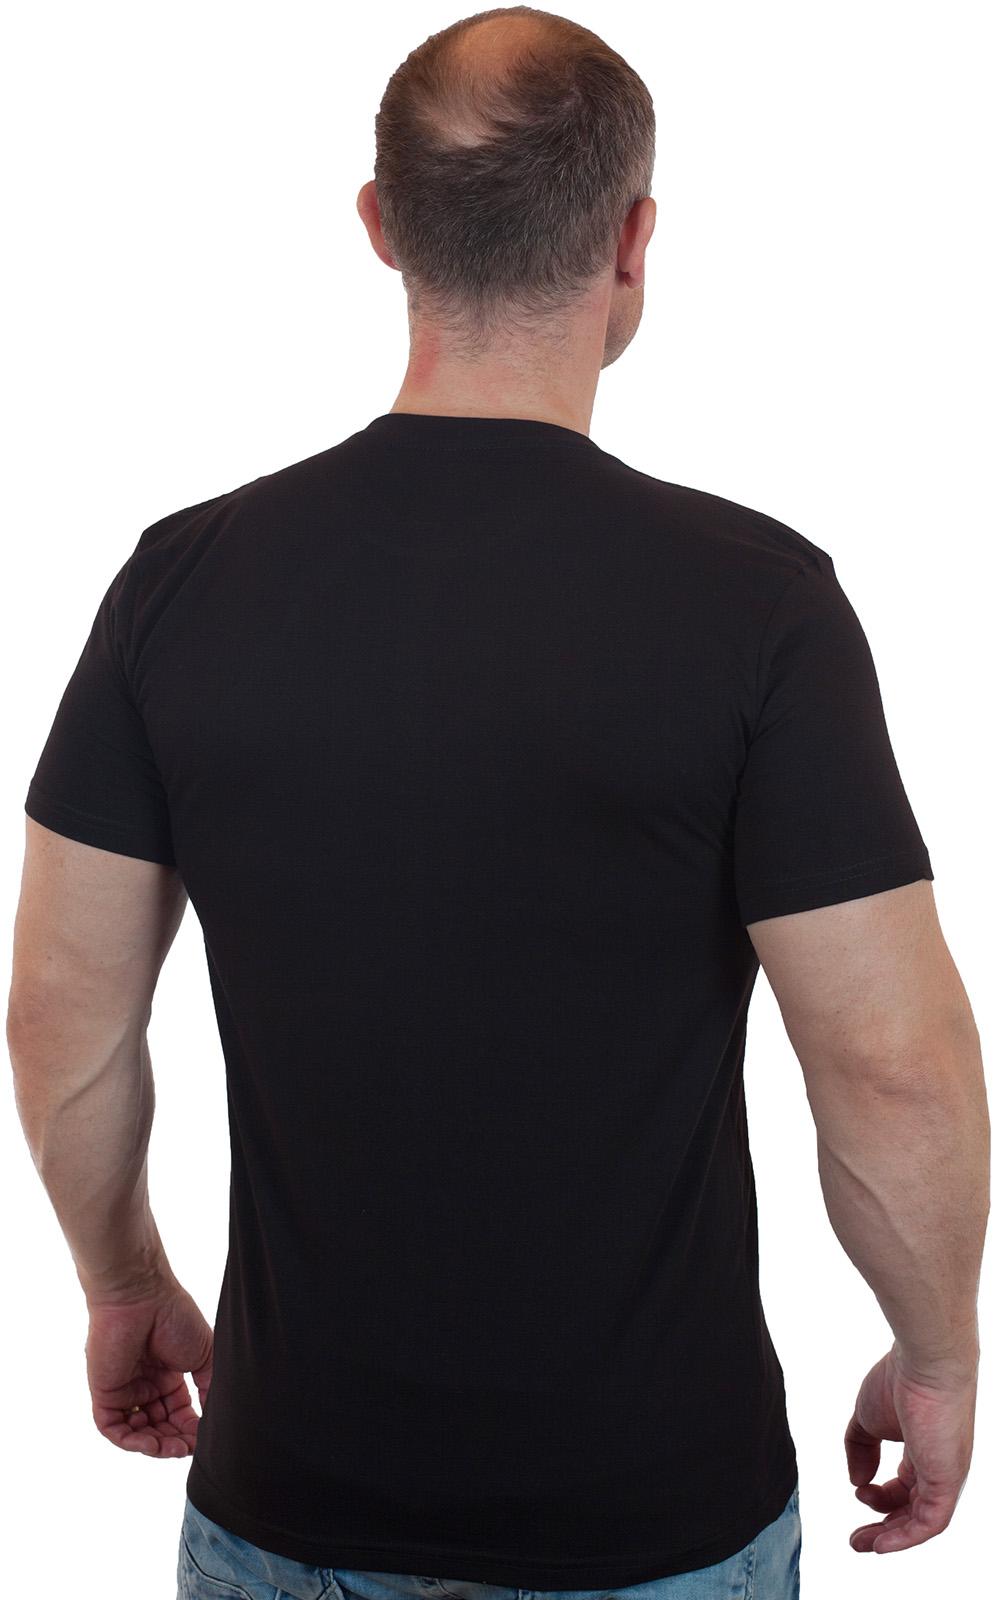 Строгая мужская футболка с нашивкой ФСО России купить с доставкой